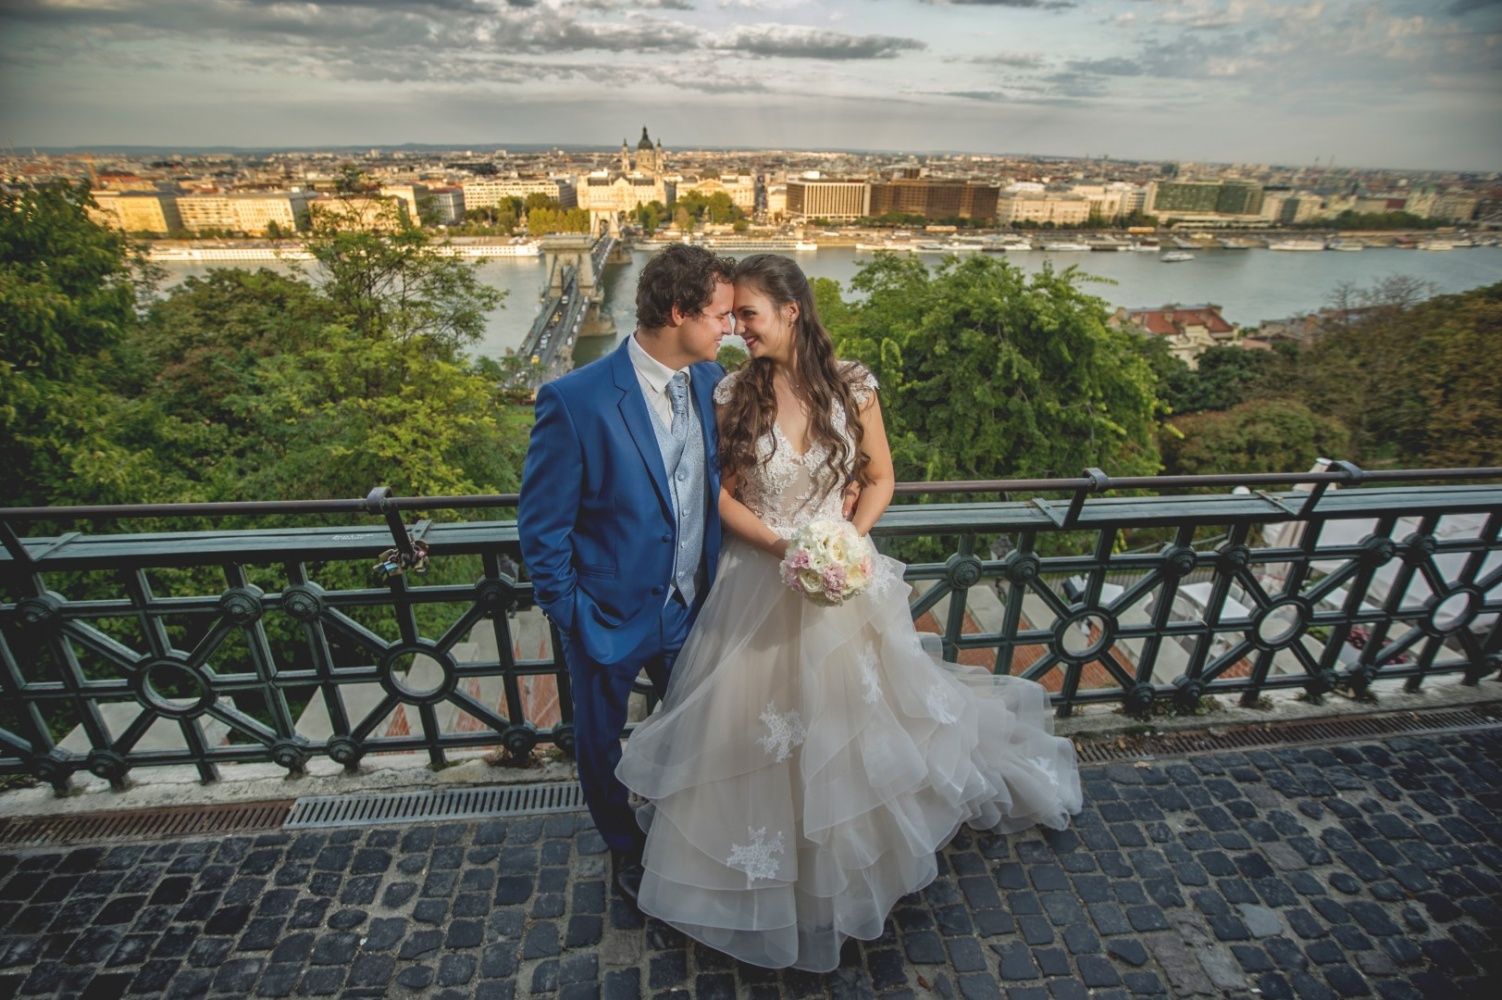 http://www.fotoz.sk/images/gallery-31/normal/eskuvo_dunaharaszti-rendezvenyhaz_033.jpg